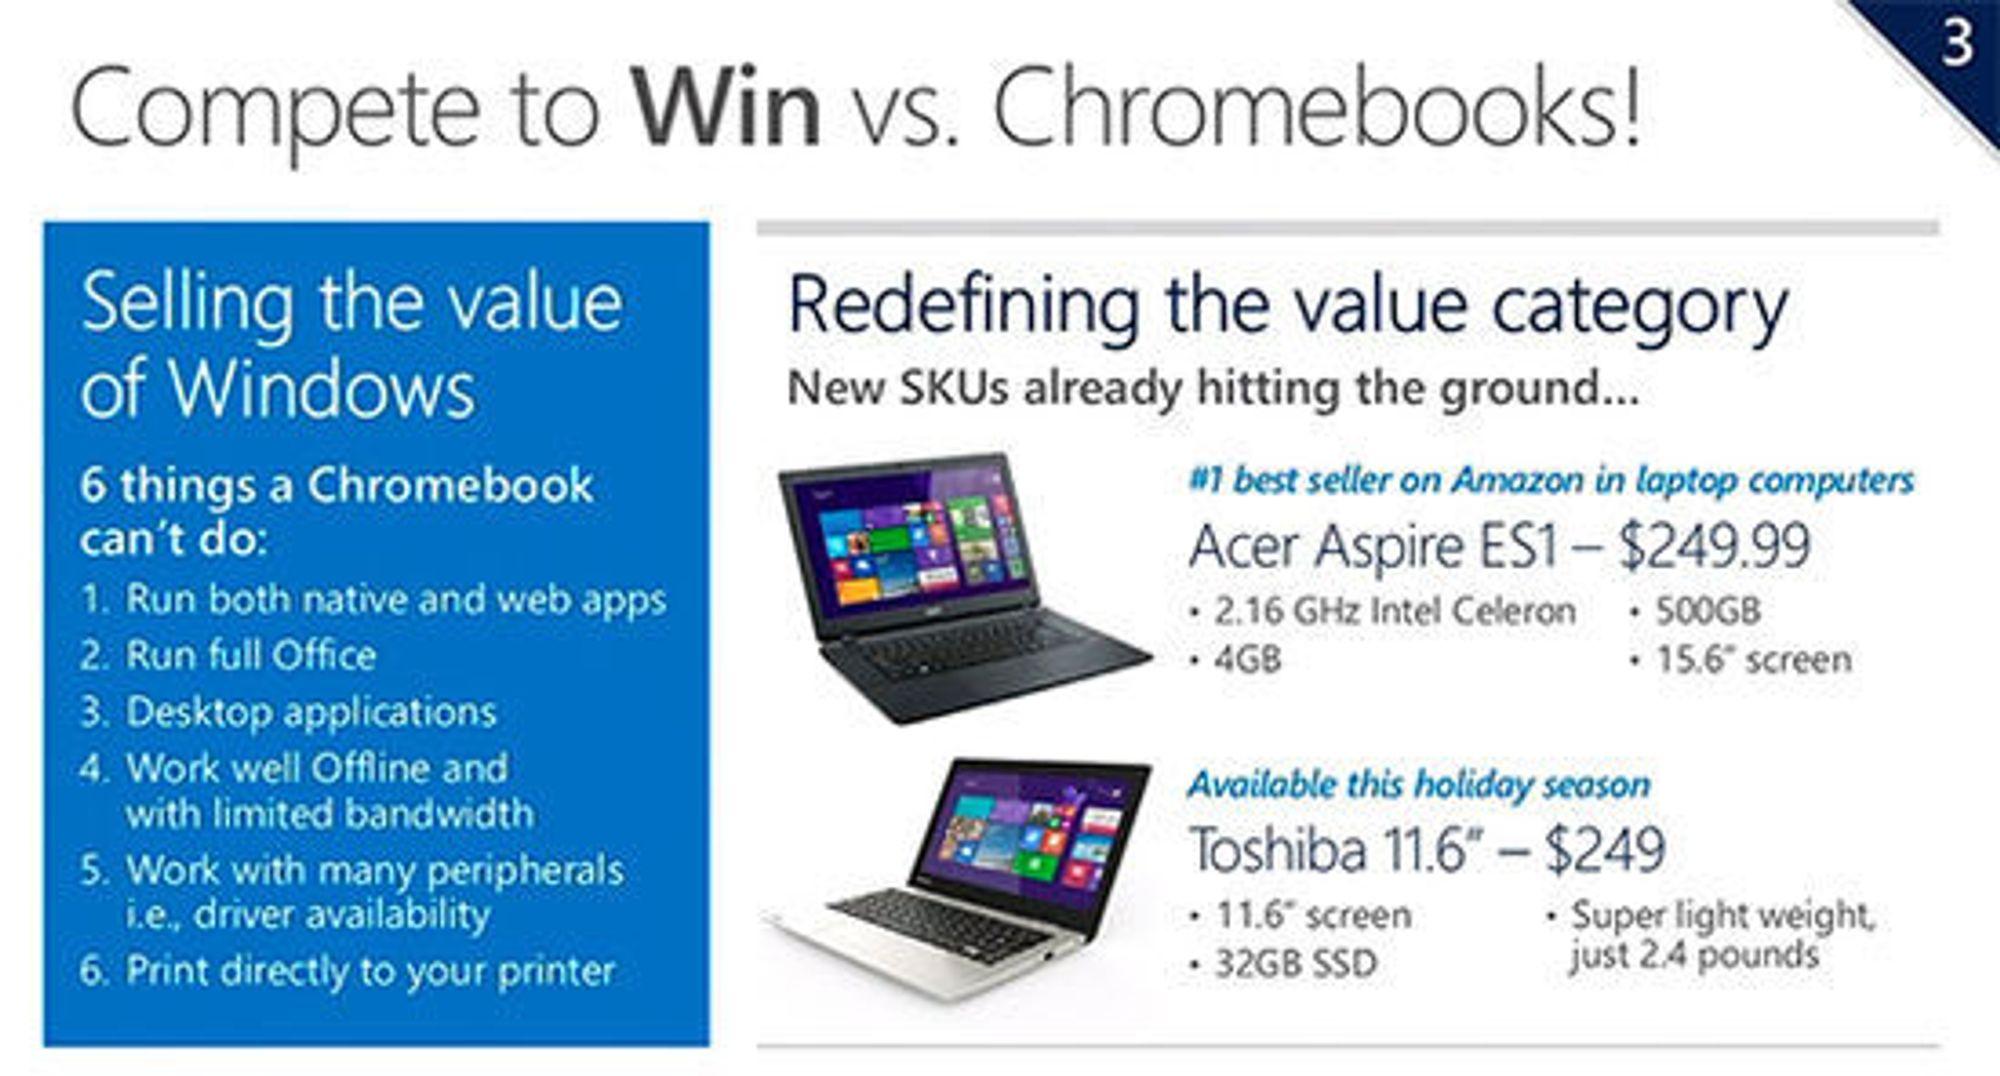 Derfor bør man holde seg til Windows, mener Microsoft.